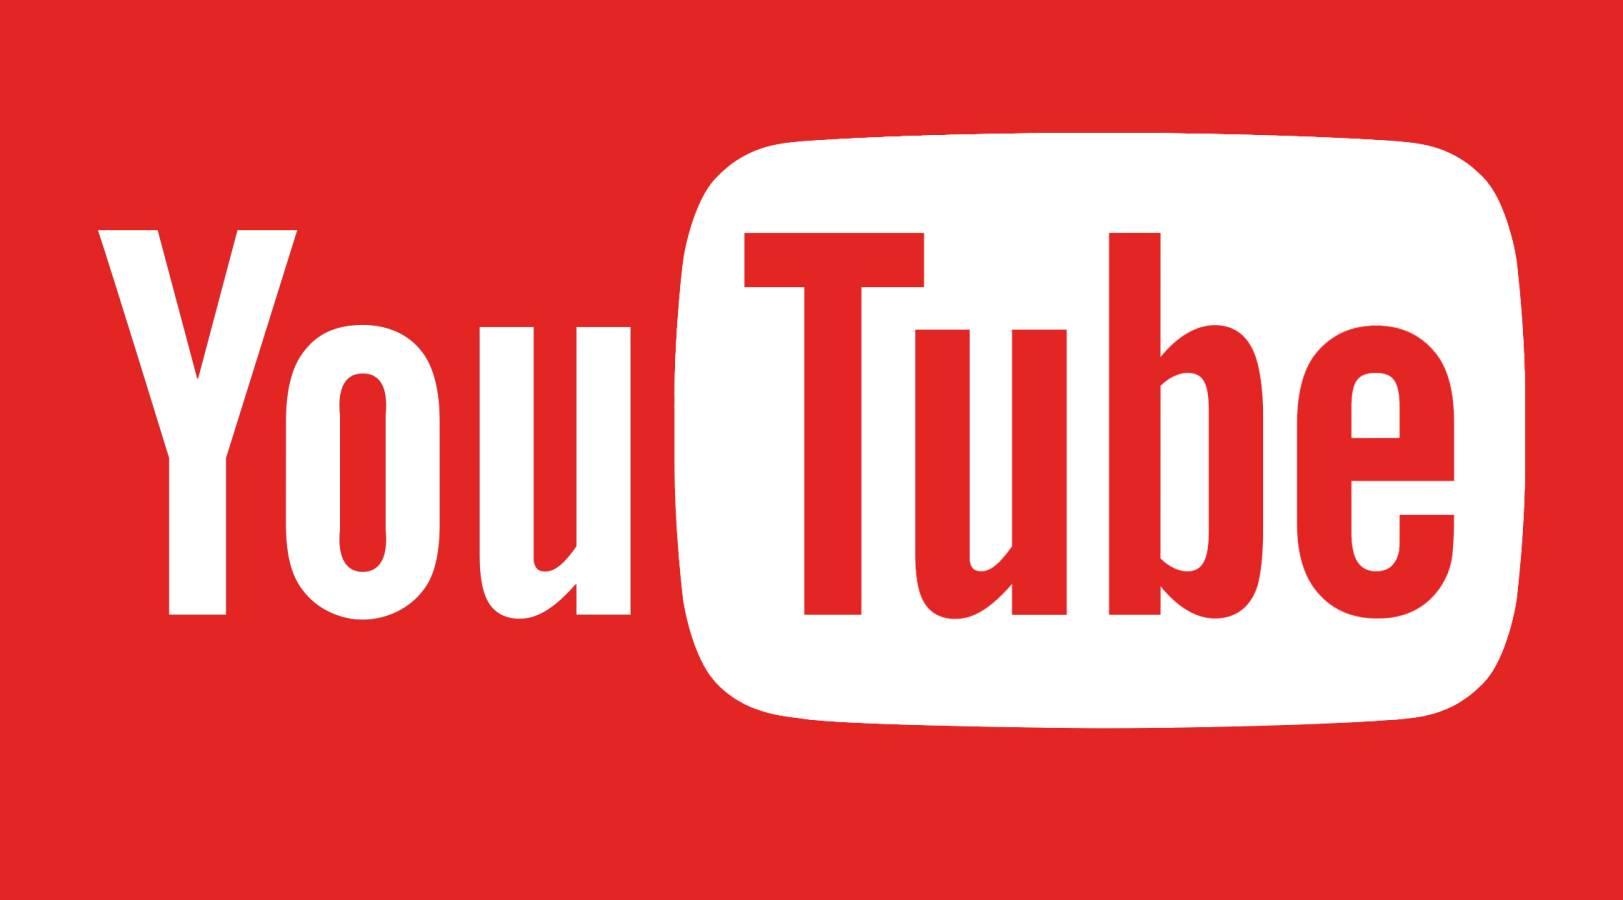 YouTube Update cu Noutati pentru Telefoanele Utilizatorilor